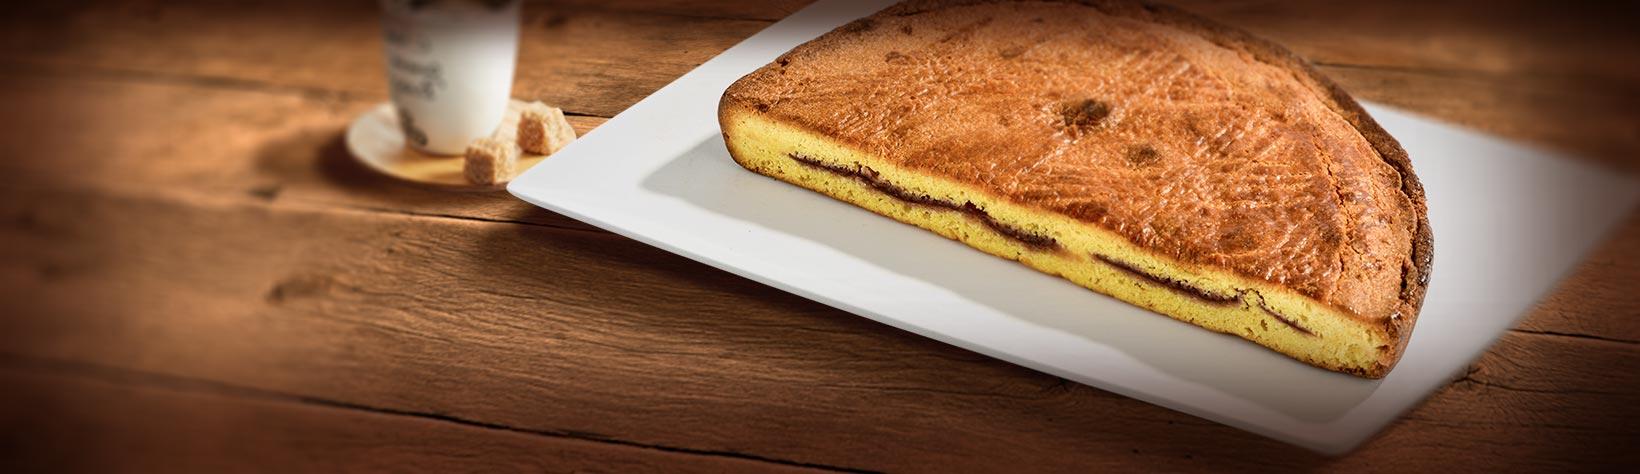 Gâteaux Bretons 500g de pure tradition